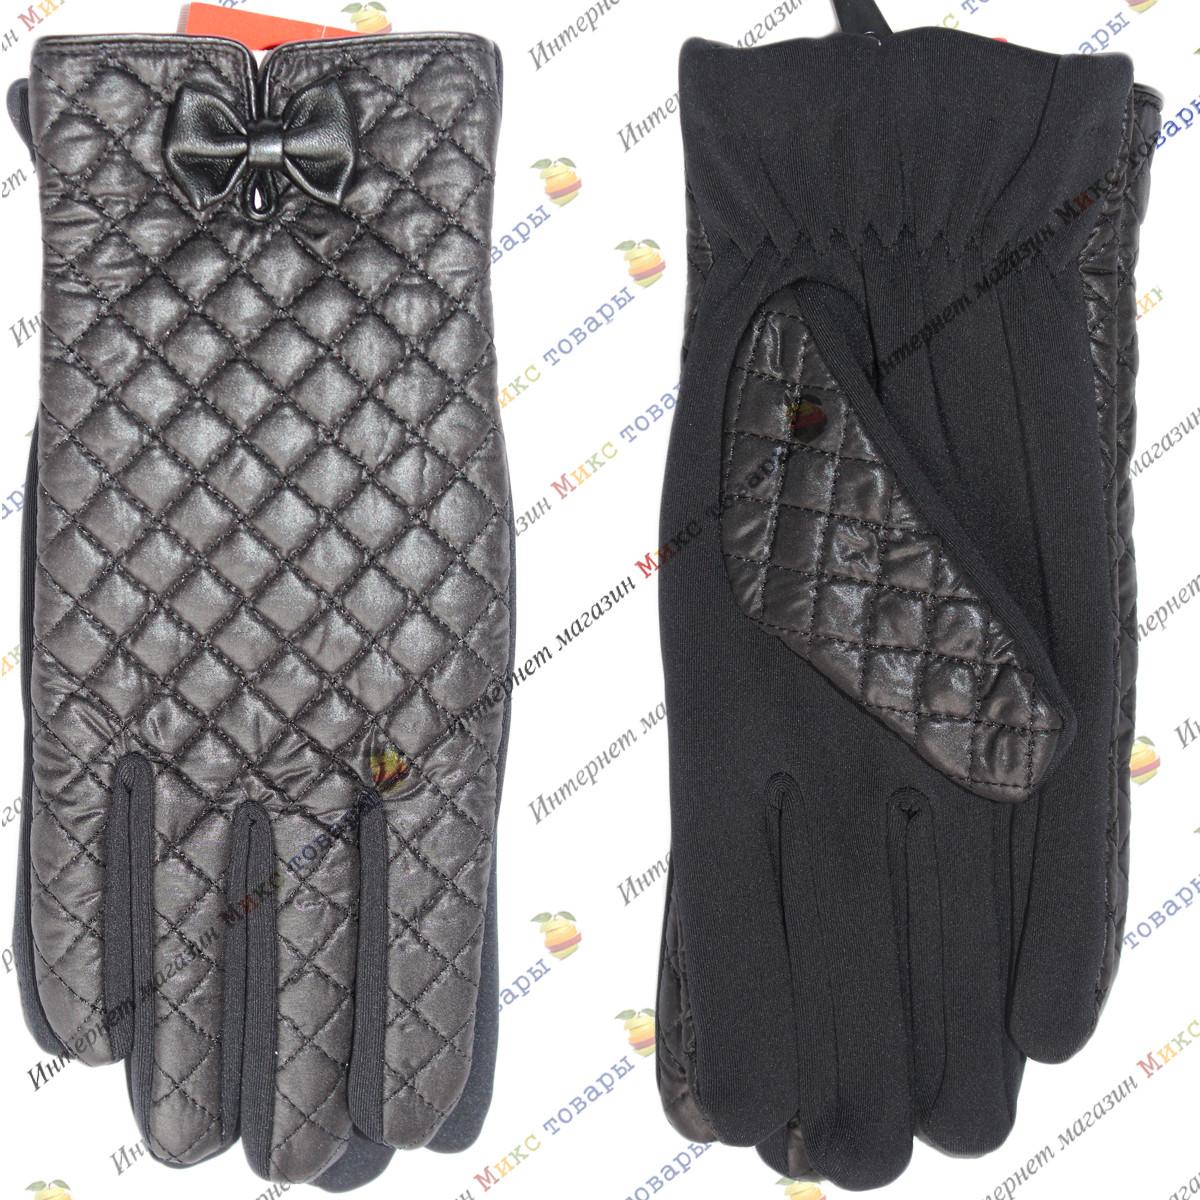 Чёрные Женские перчатки с бантиком